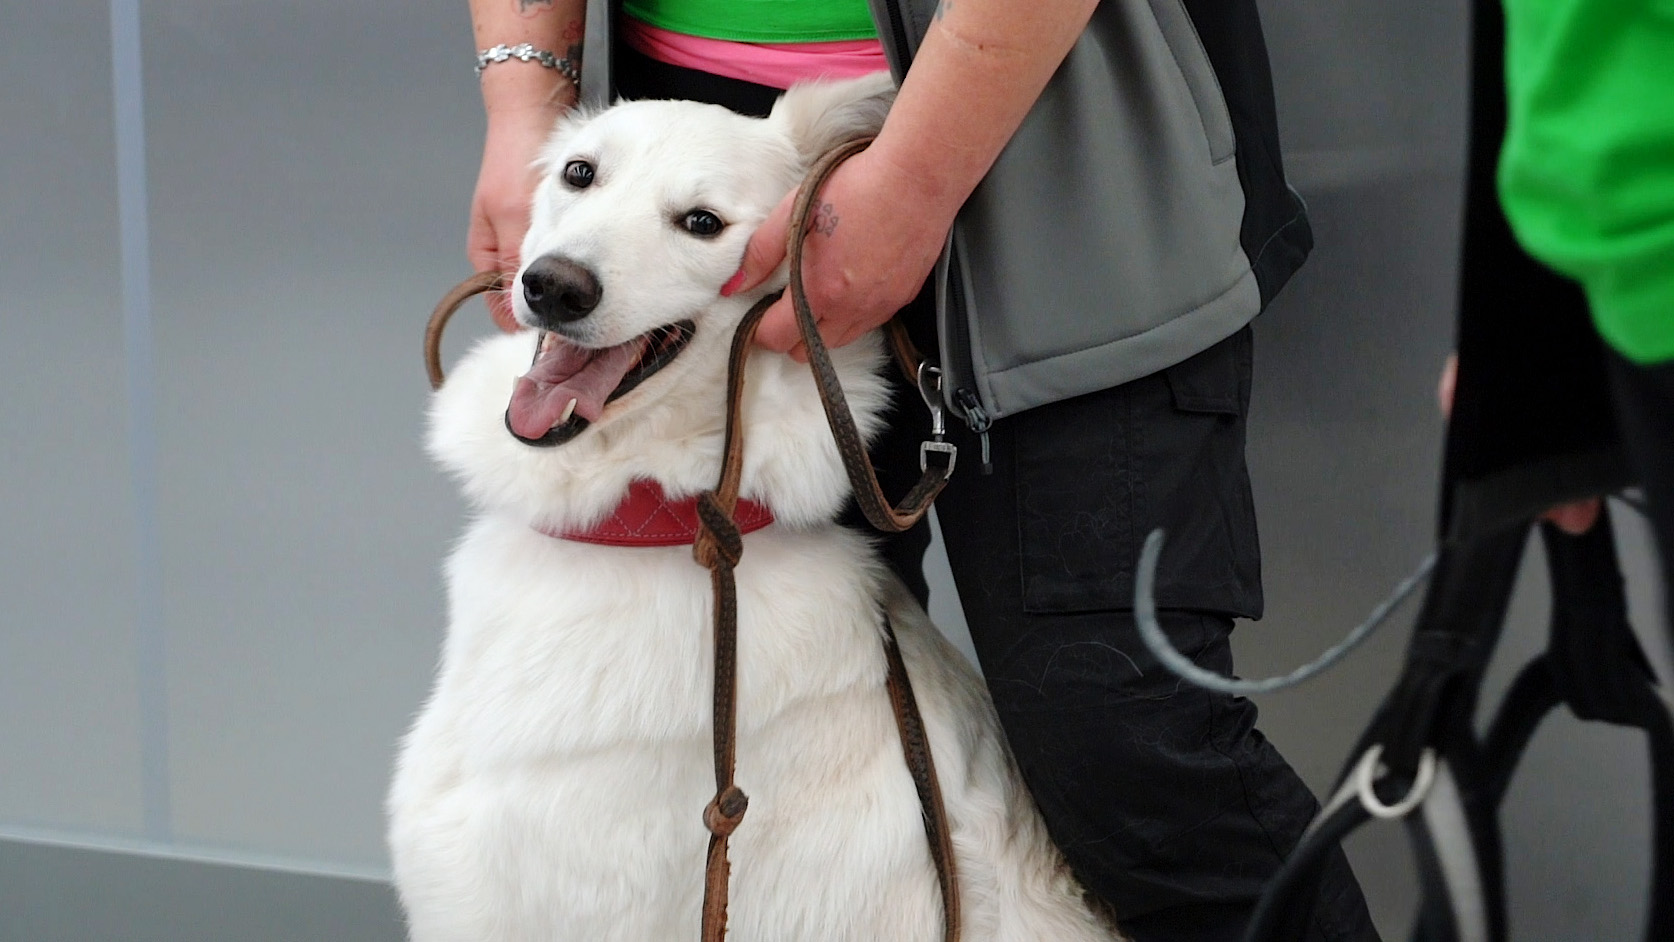 Finnországban kutyákkal szagoltatják ki a koronavírust